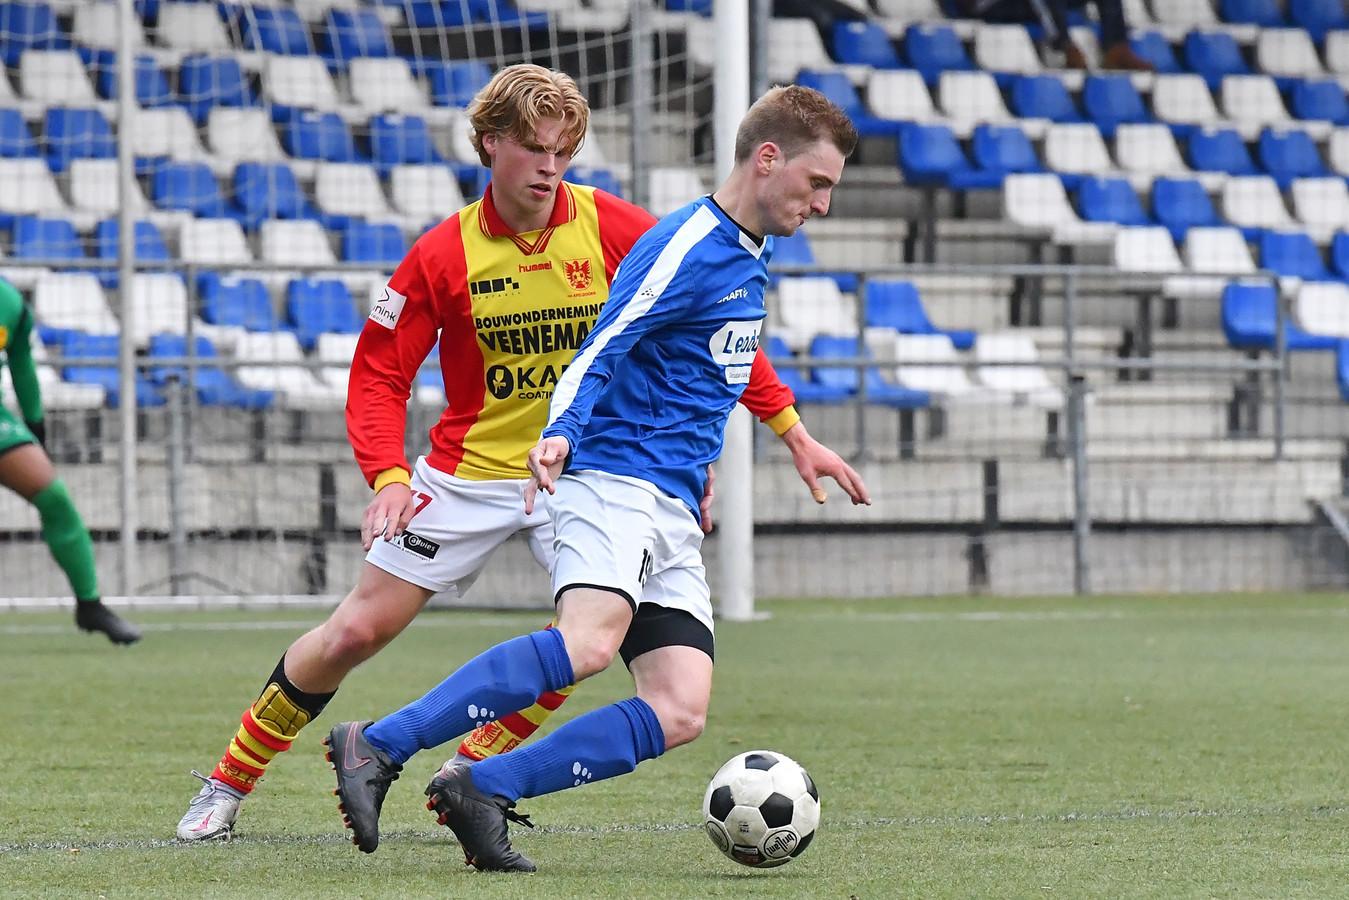 Fedde Dibbink van CSV Apeldoorn duelleert met AGOVV-speler Lars Hoekman.